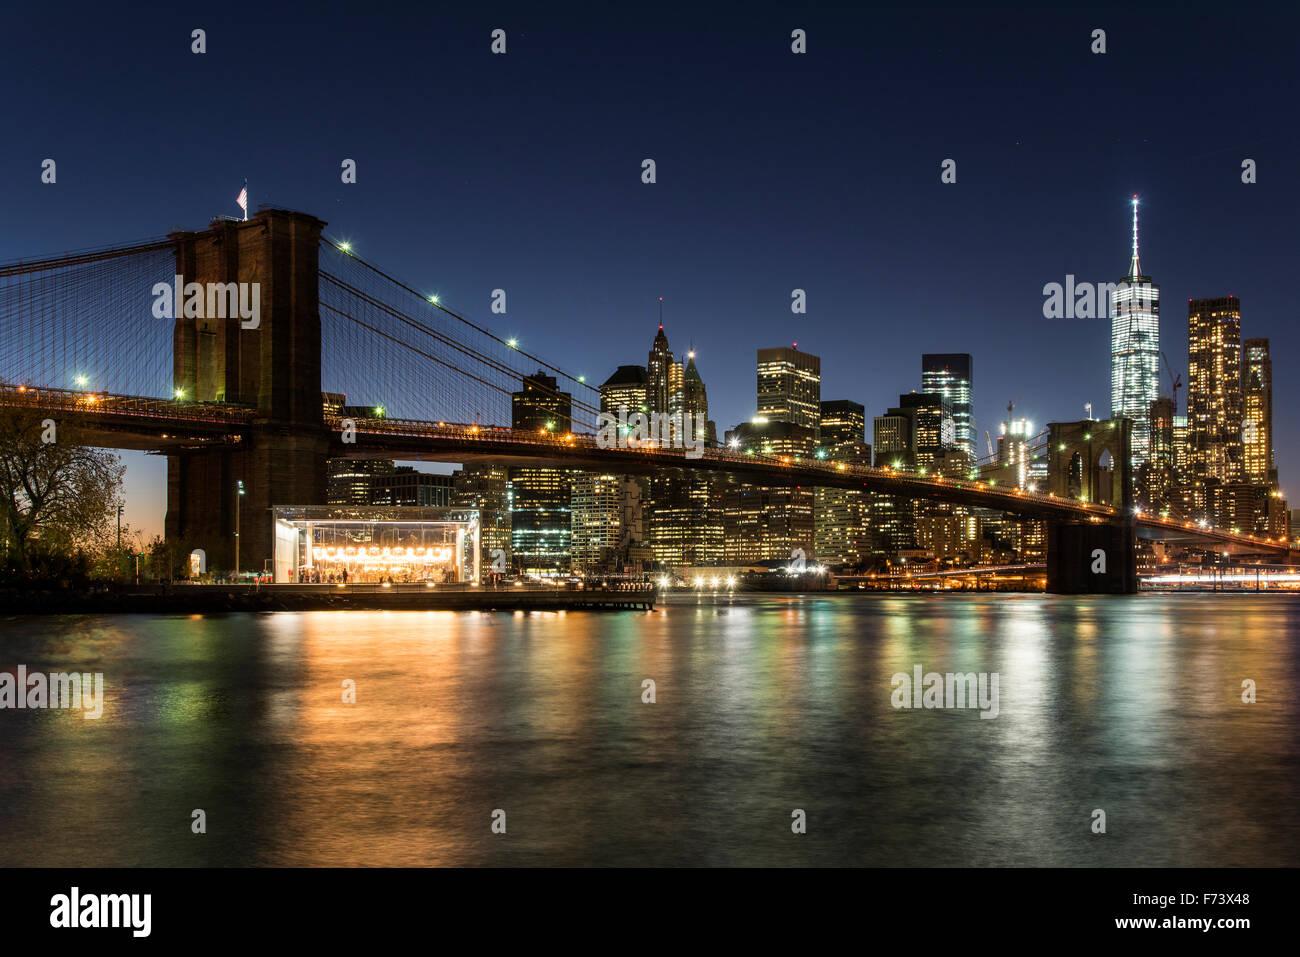 Vista notturna del Ponte di Brooklyn con inferiore dello skyline di Manhattan e Brooklyn, New York, Stati Uniti d'America Foto Stock